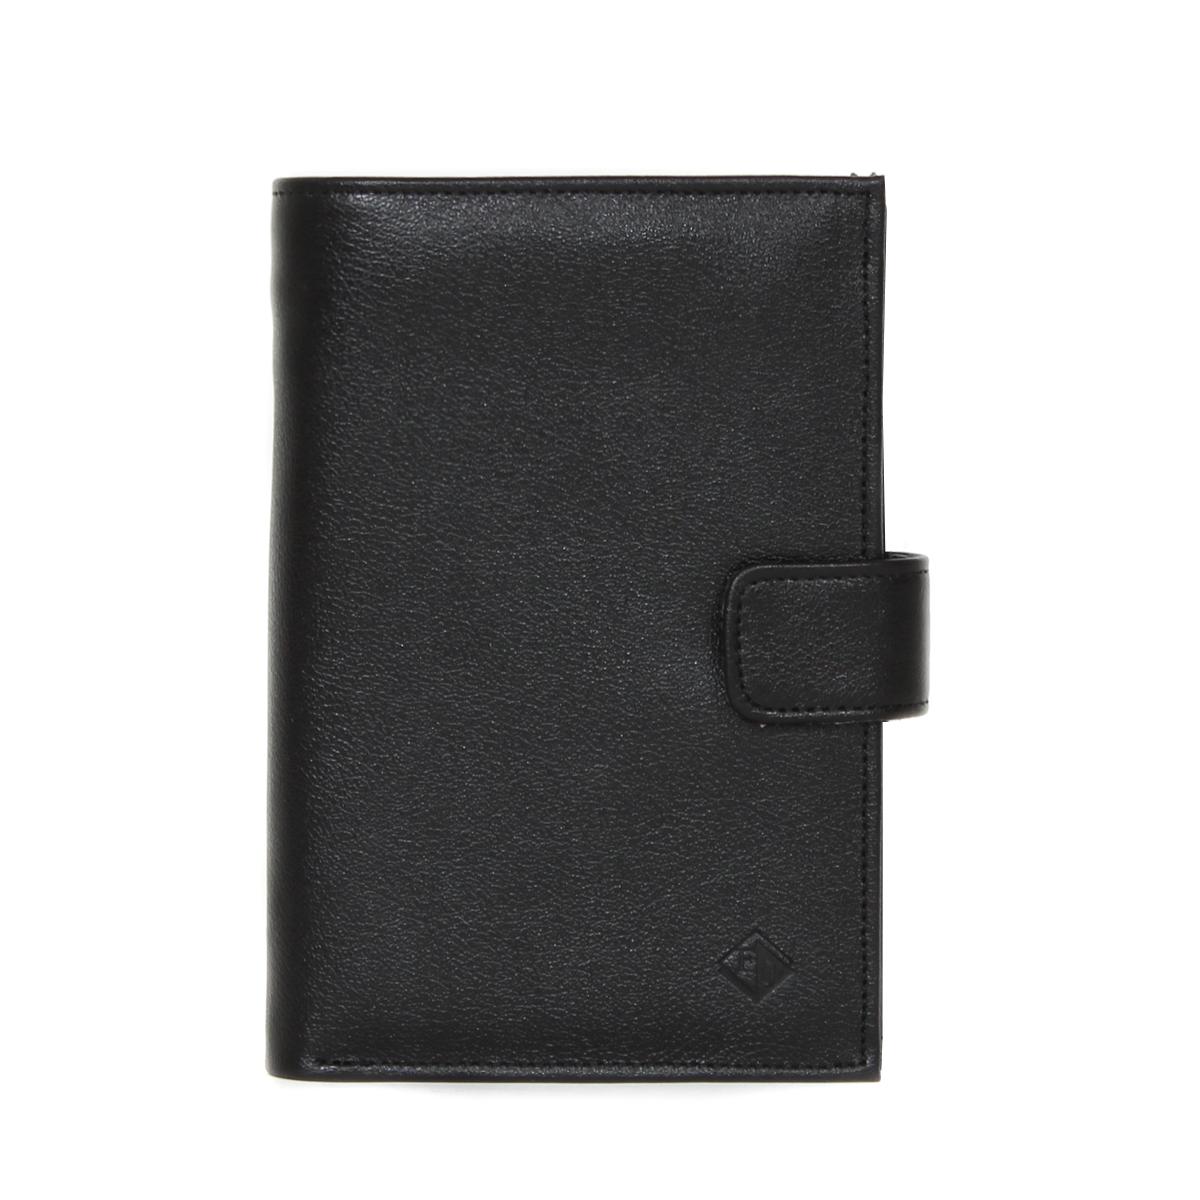 Портмоне мужское Flioraj, цвет: черный. 0005106700051067Портмоне мужское на цупфере с магнитной кнопкой, два отделения для купюр, наборная визитница. Карман на молнии внутри на задней стенке. Отделение с вкладышем для паспорта.